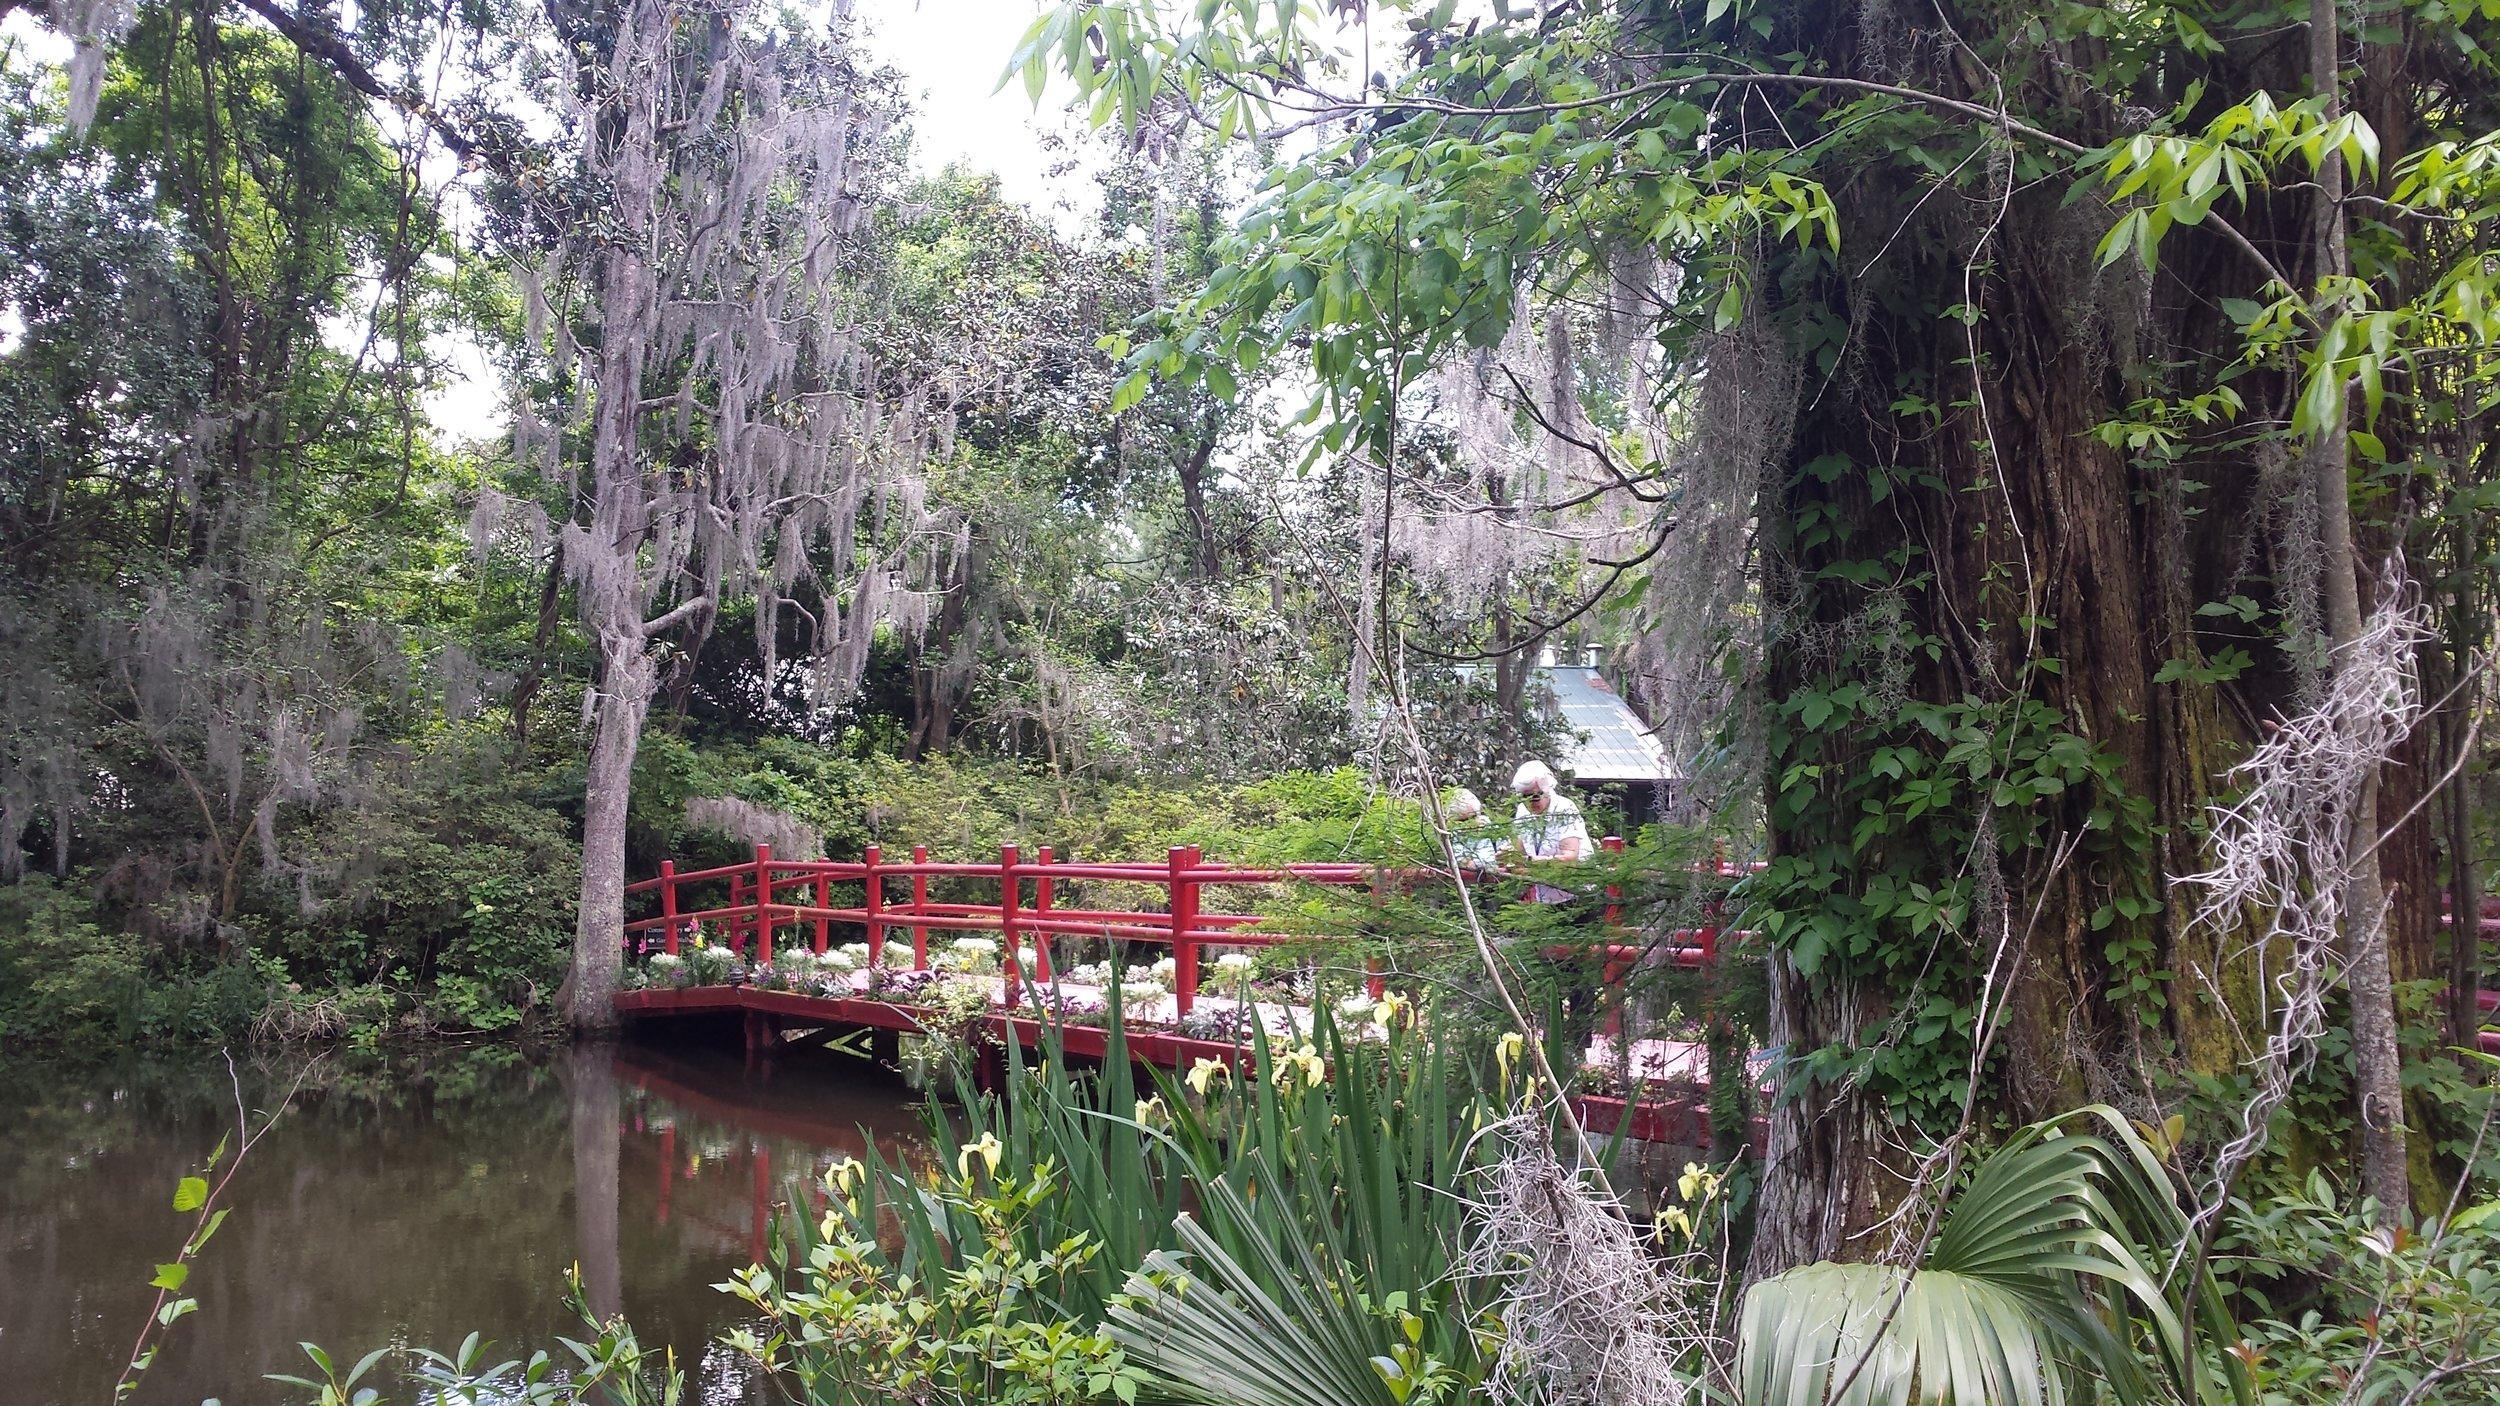 Gardens of Magnolia Plantation